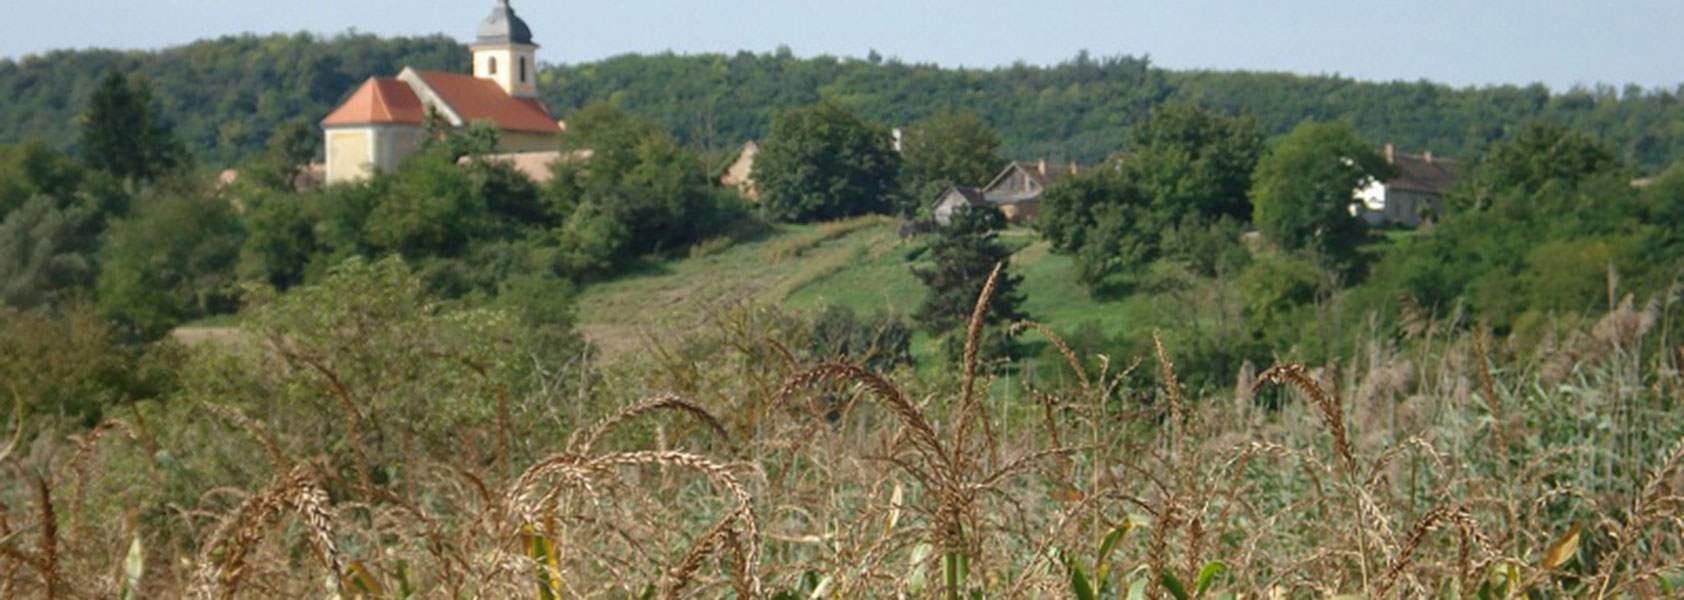 Hongarije | Wandelvakantie in Hongarije